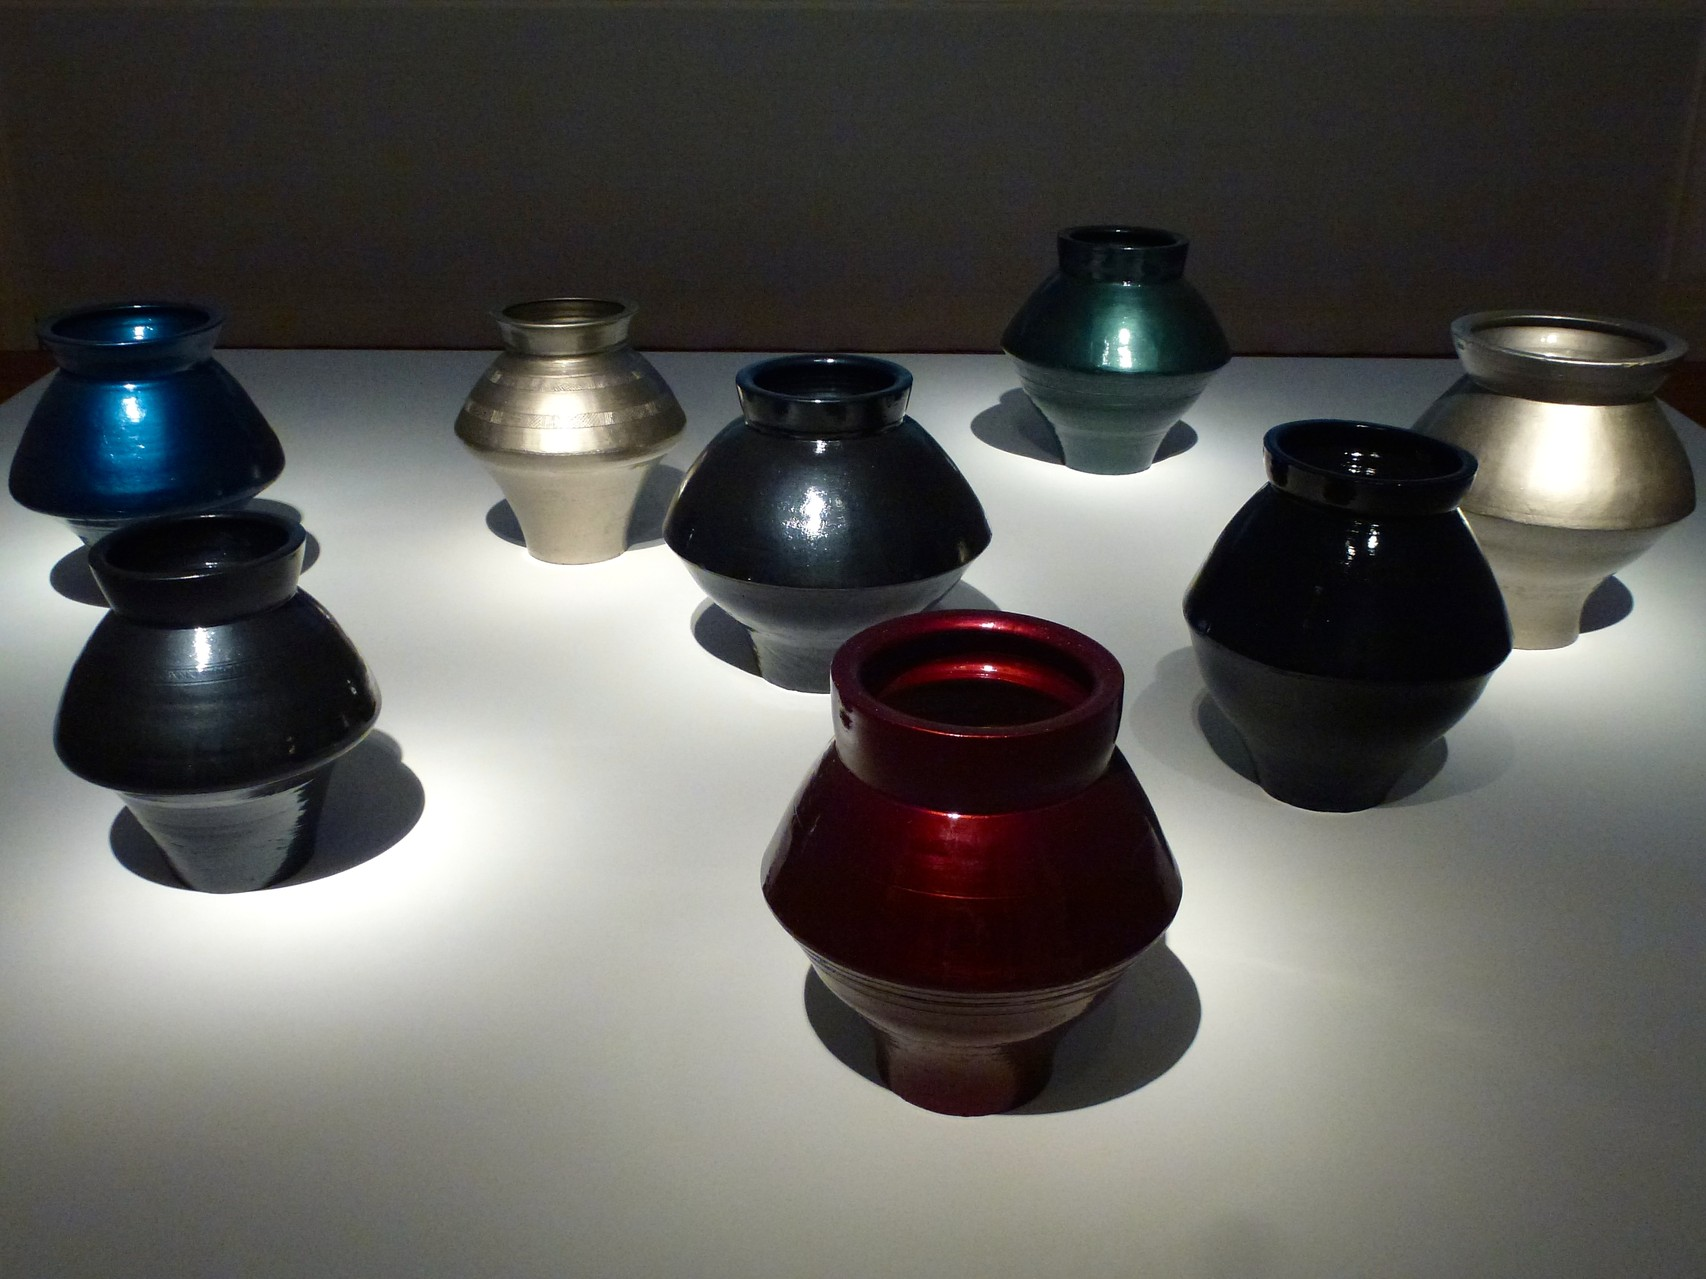 Han Dynasty Vases with Auto Paint (Vasen der Han Dynasty mit Autolack von Mercedes_2)